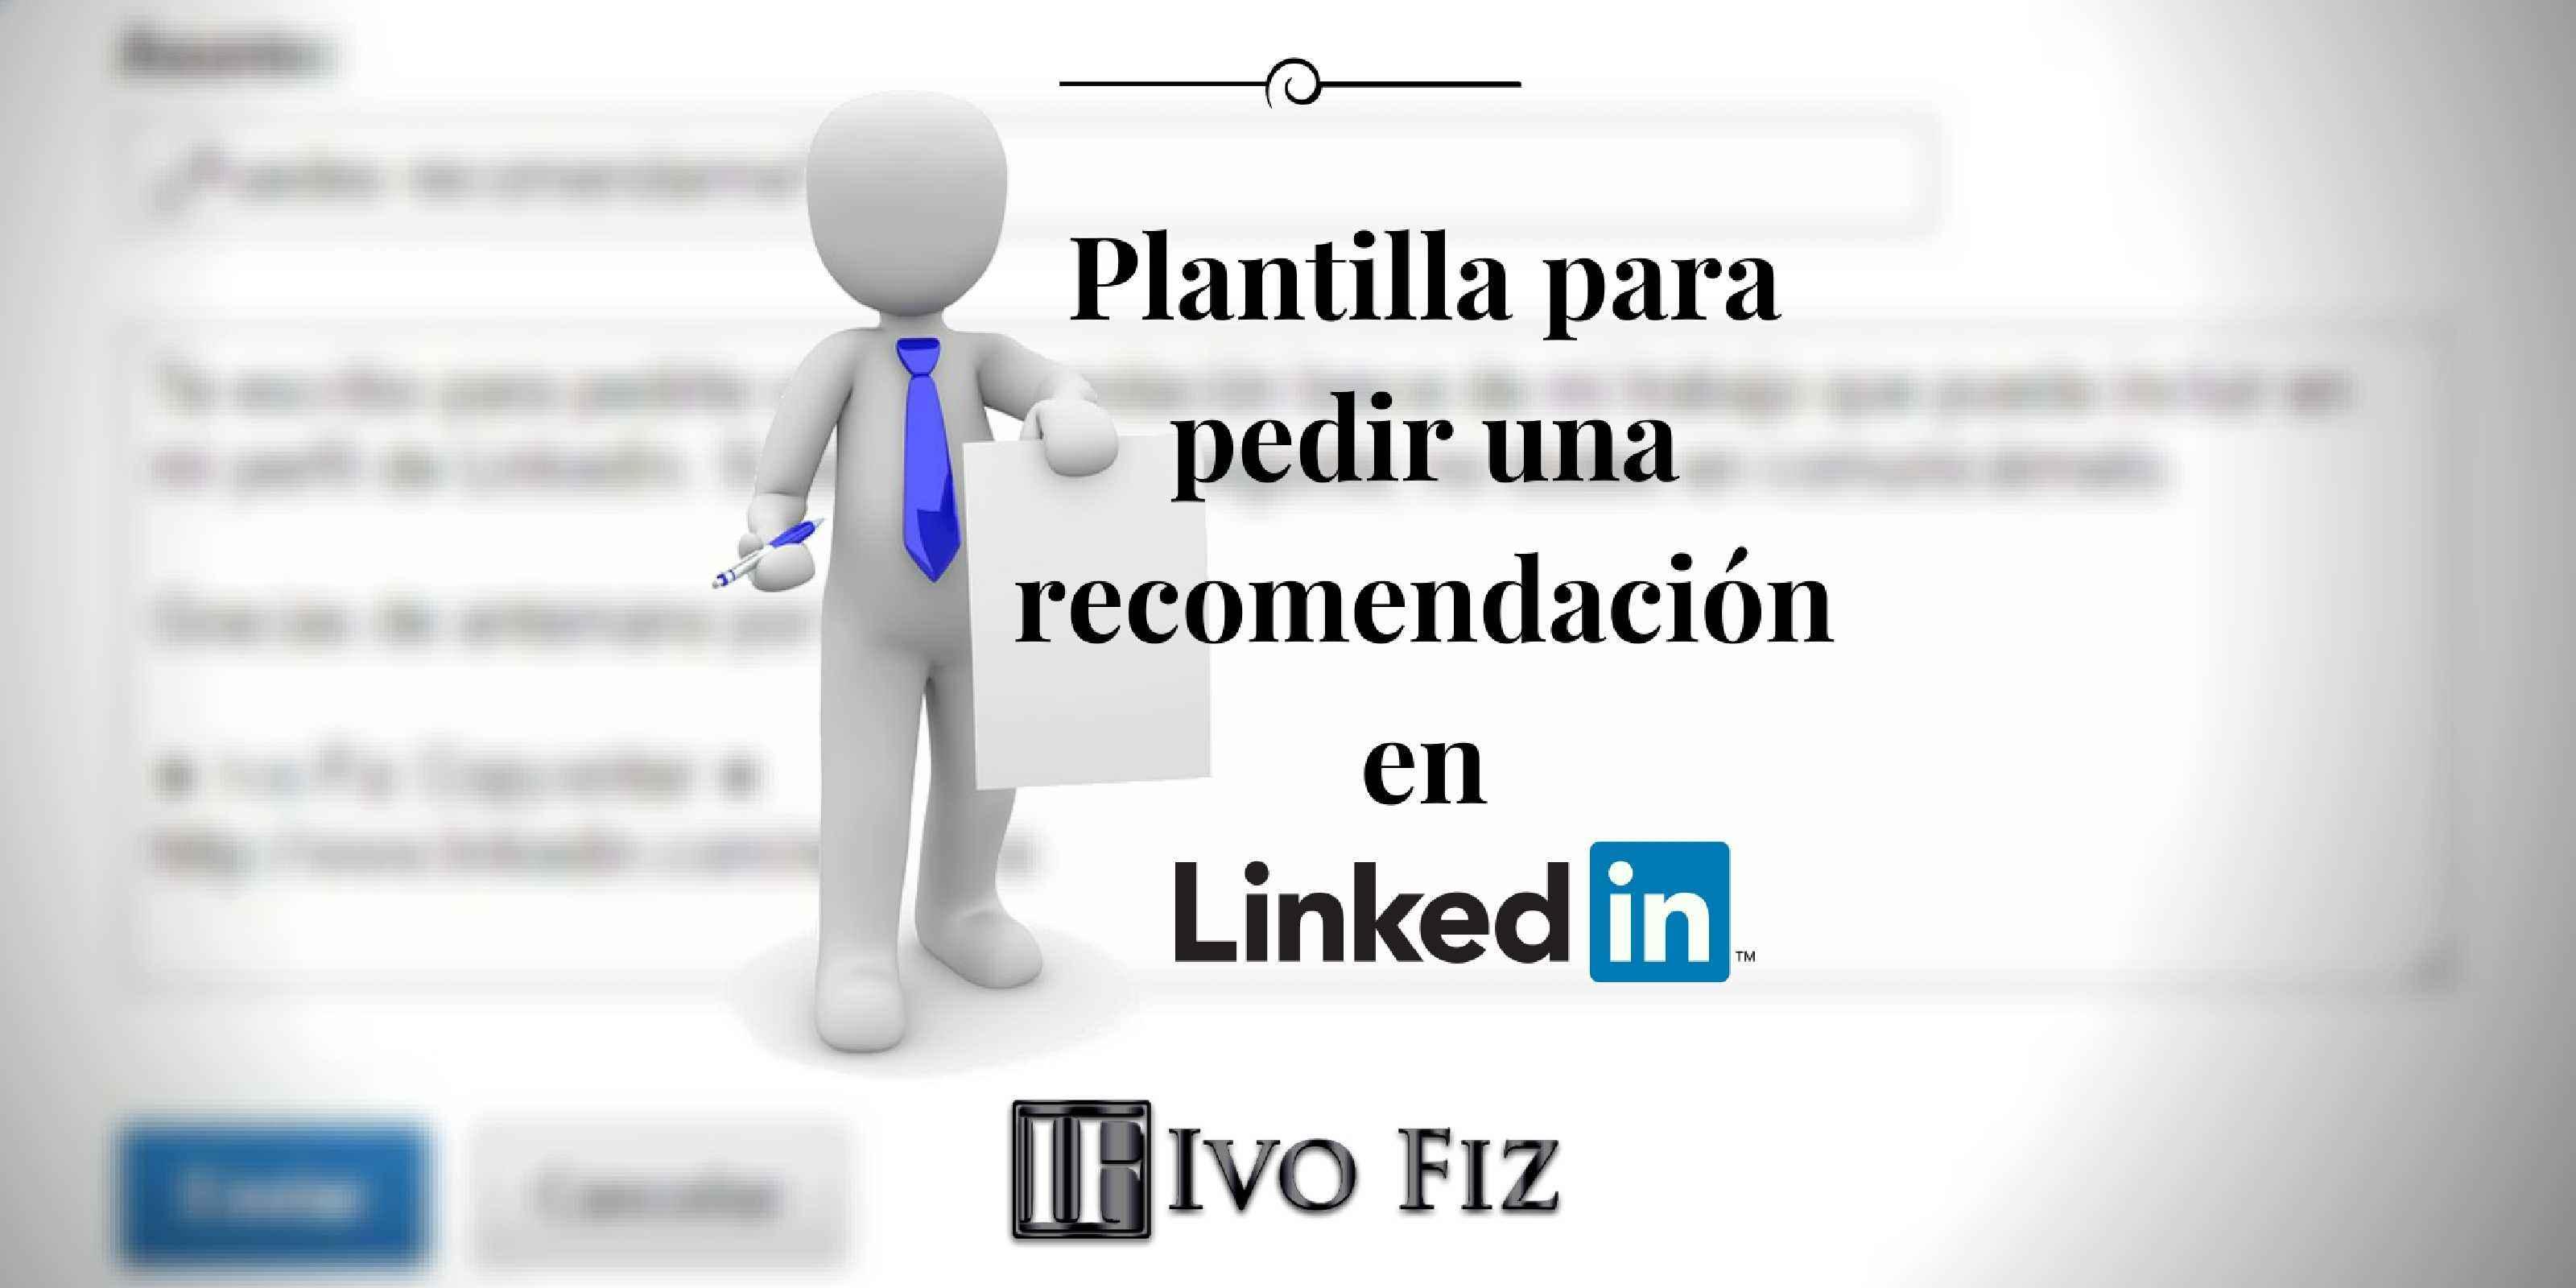 Plantilla para pedir una recomendación en LinkedIn